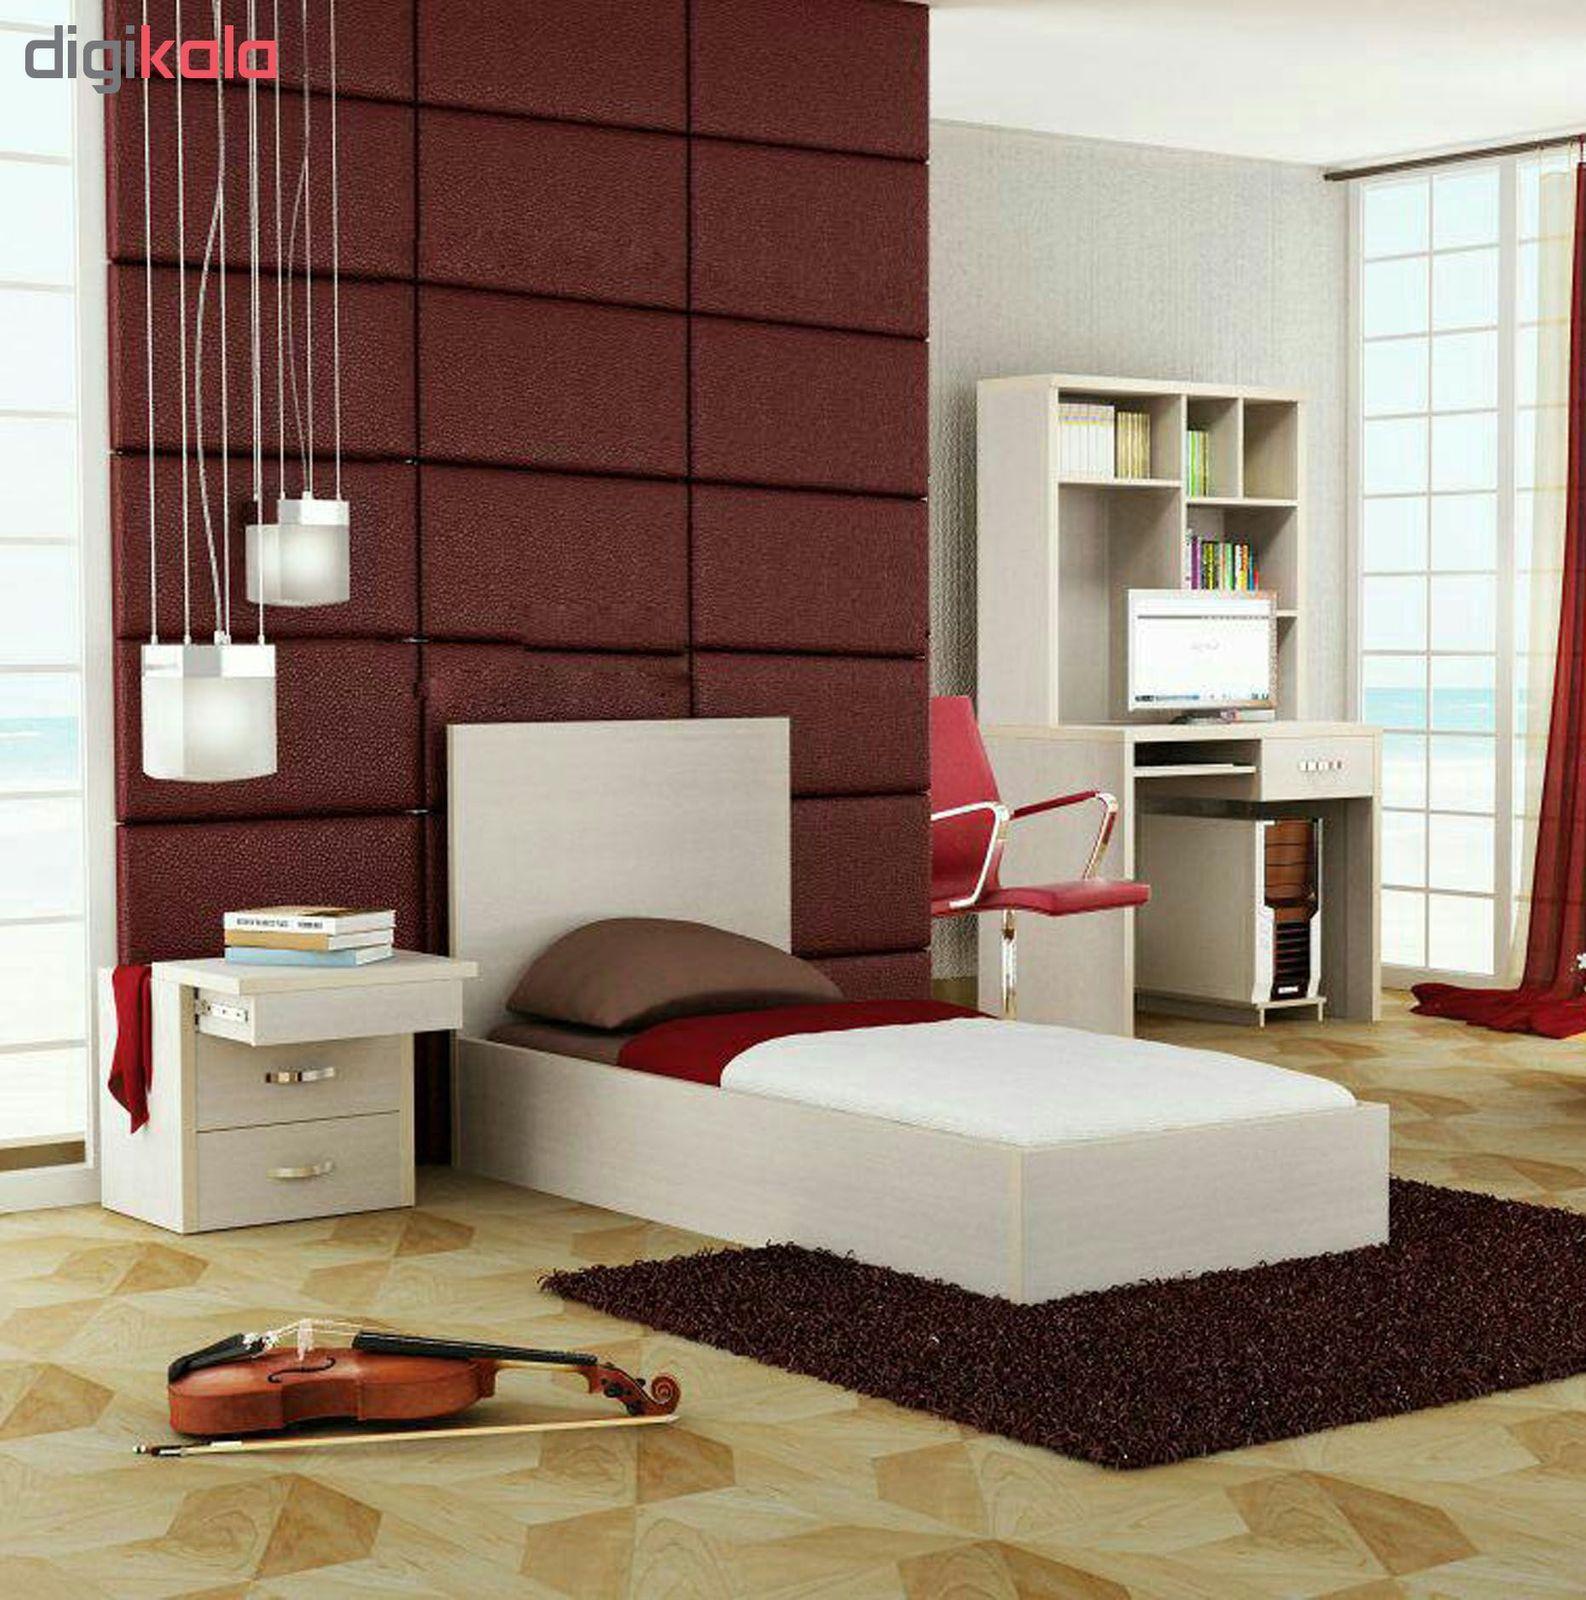 تخت خواب یک نفره مدل AK_B_AlbrzV سایز 90x200 سانتی متر main 1 2